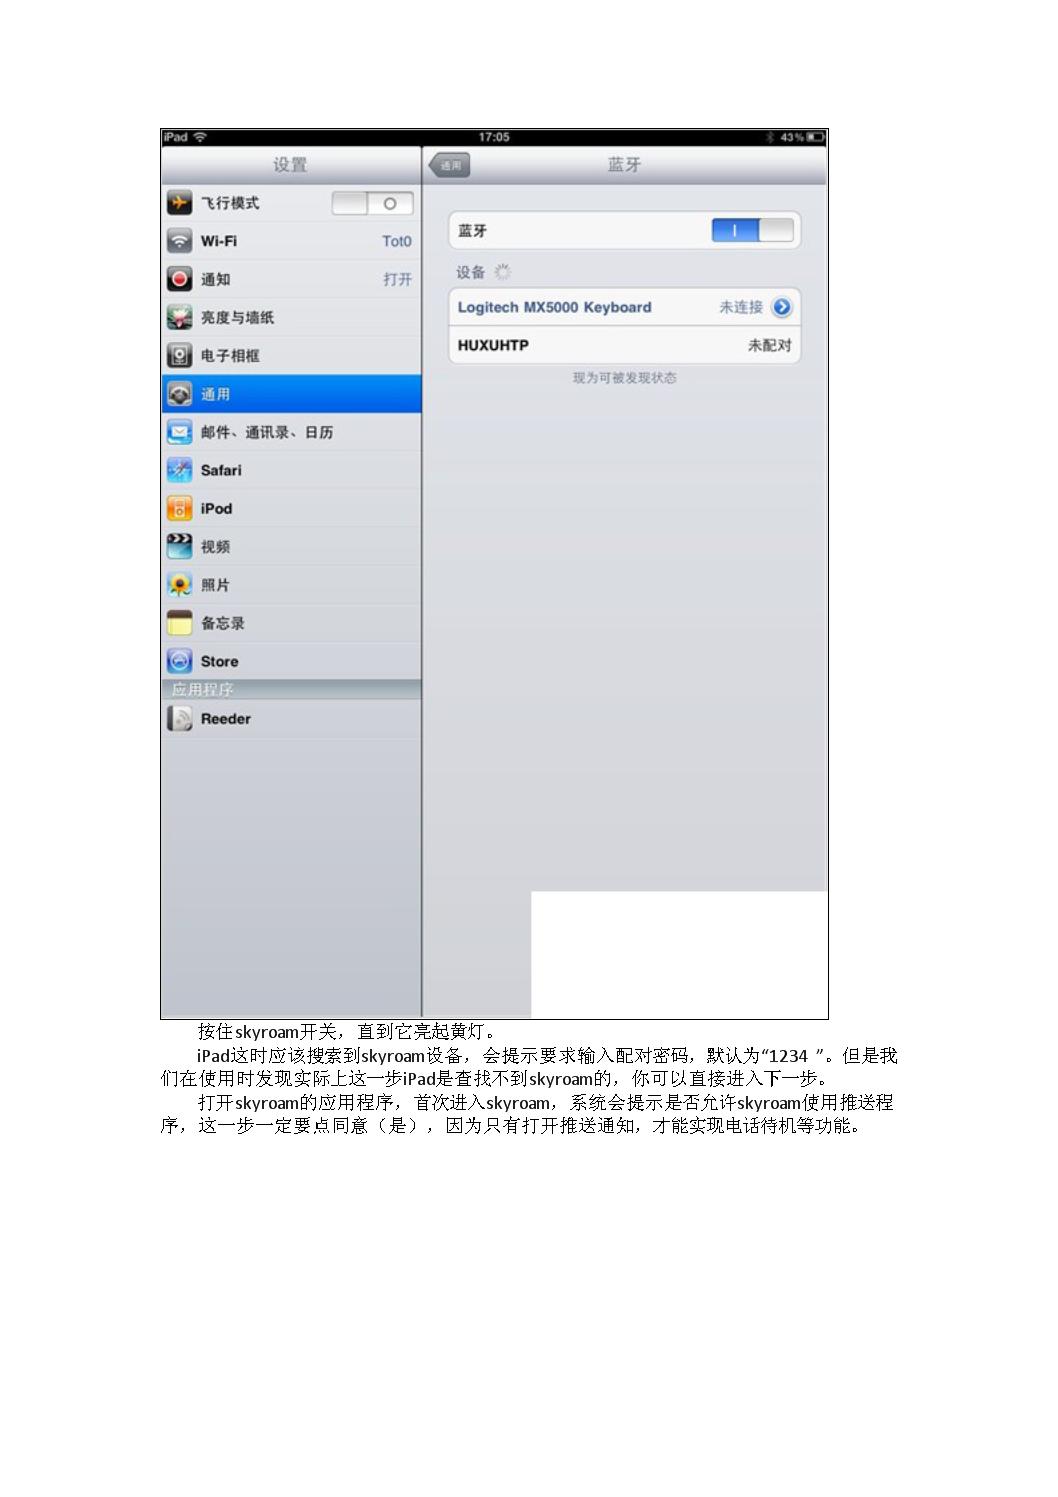 skyroamgmate_wifi版的ipad也能打电话,skyroam gmate显身手